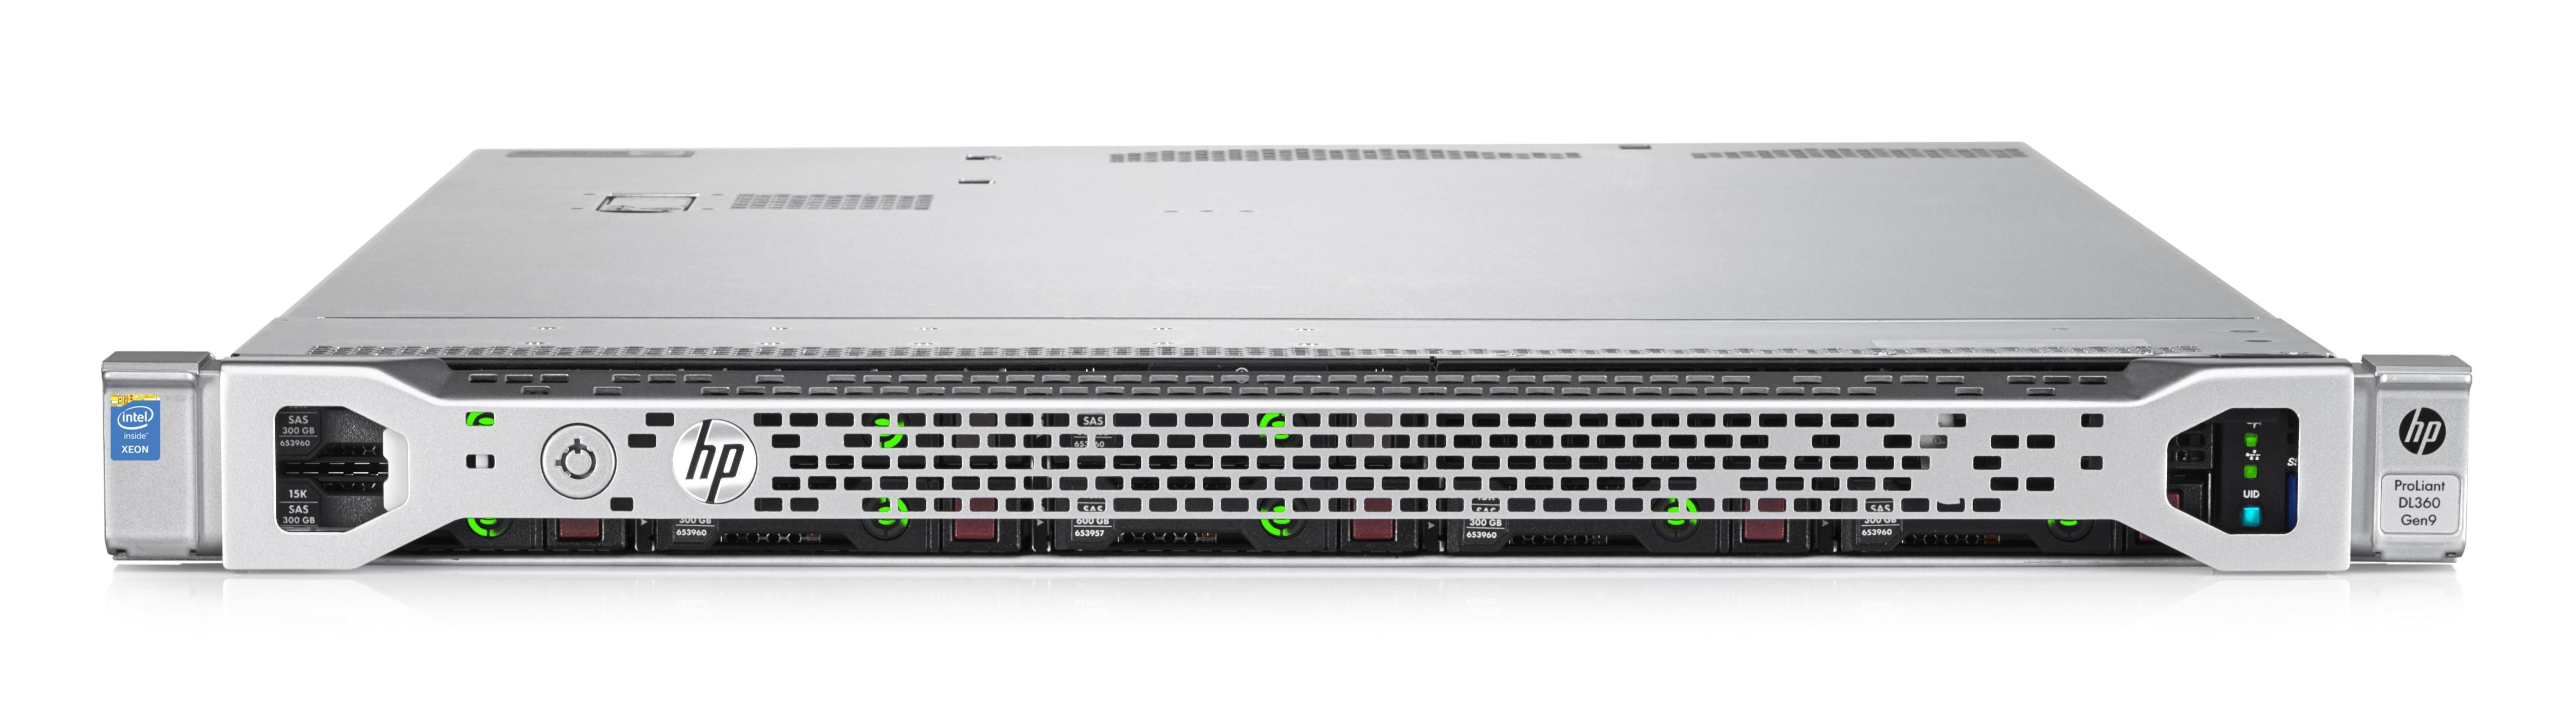 HP 755260-B21 - Hewlett Packard Enterprise ProLiant DL360 Gen9